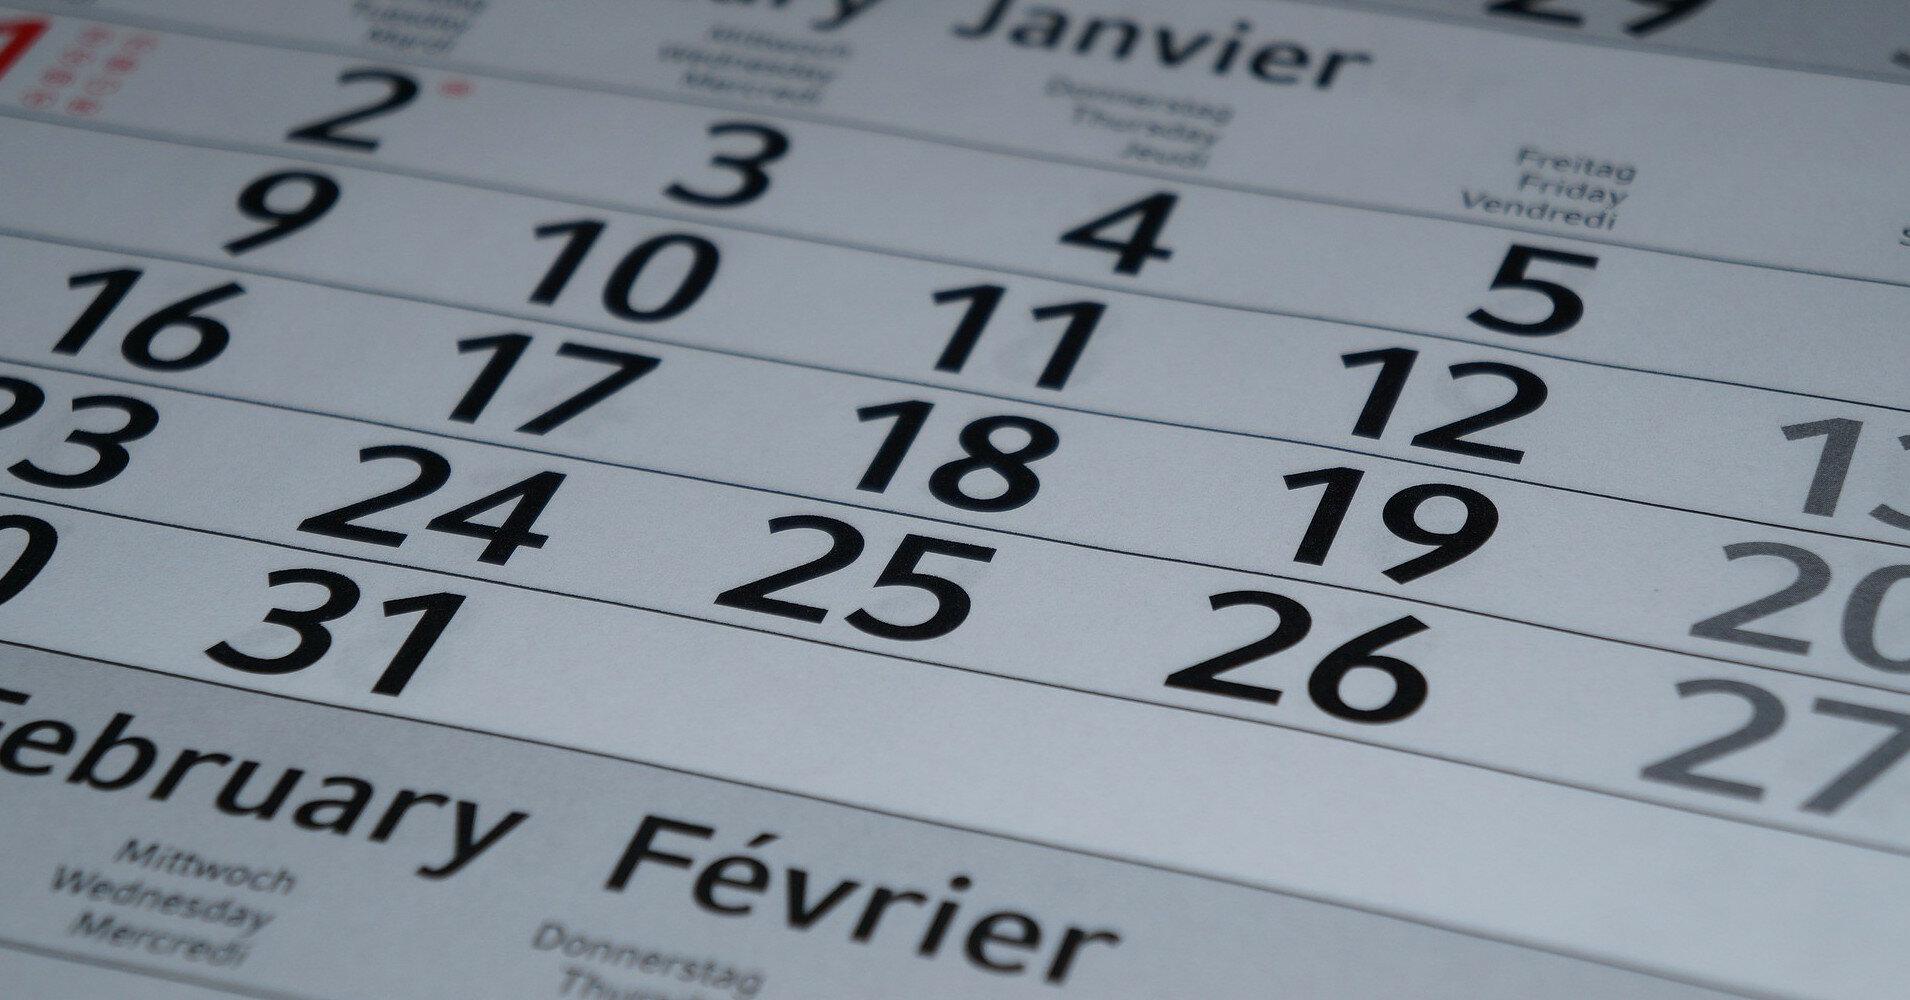 Нас ждут самые опасные дни в августе: астрологи назвали даты